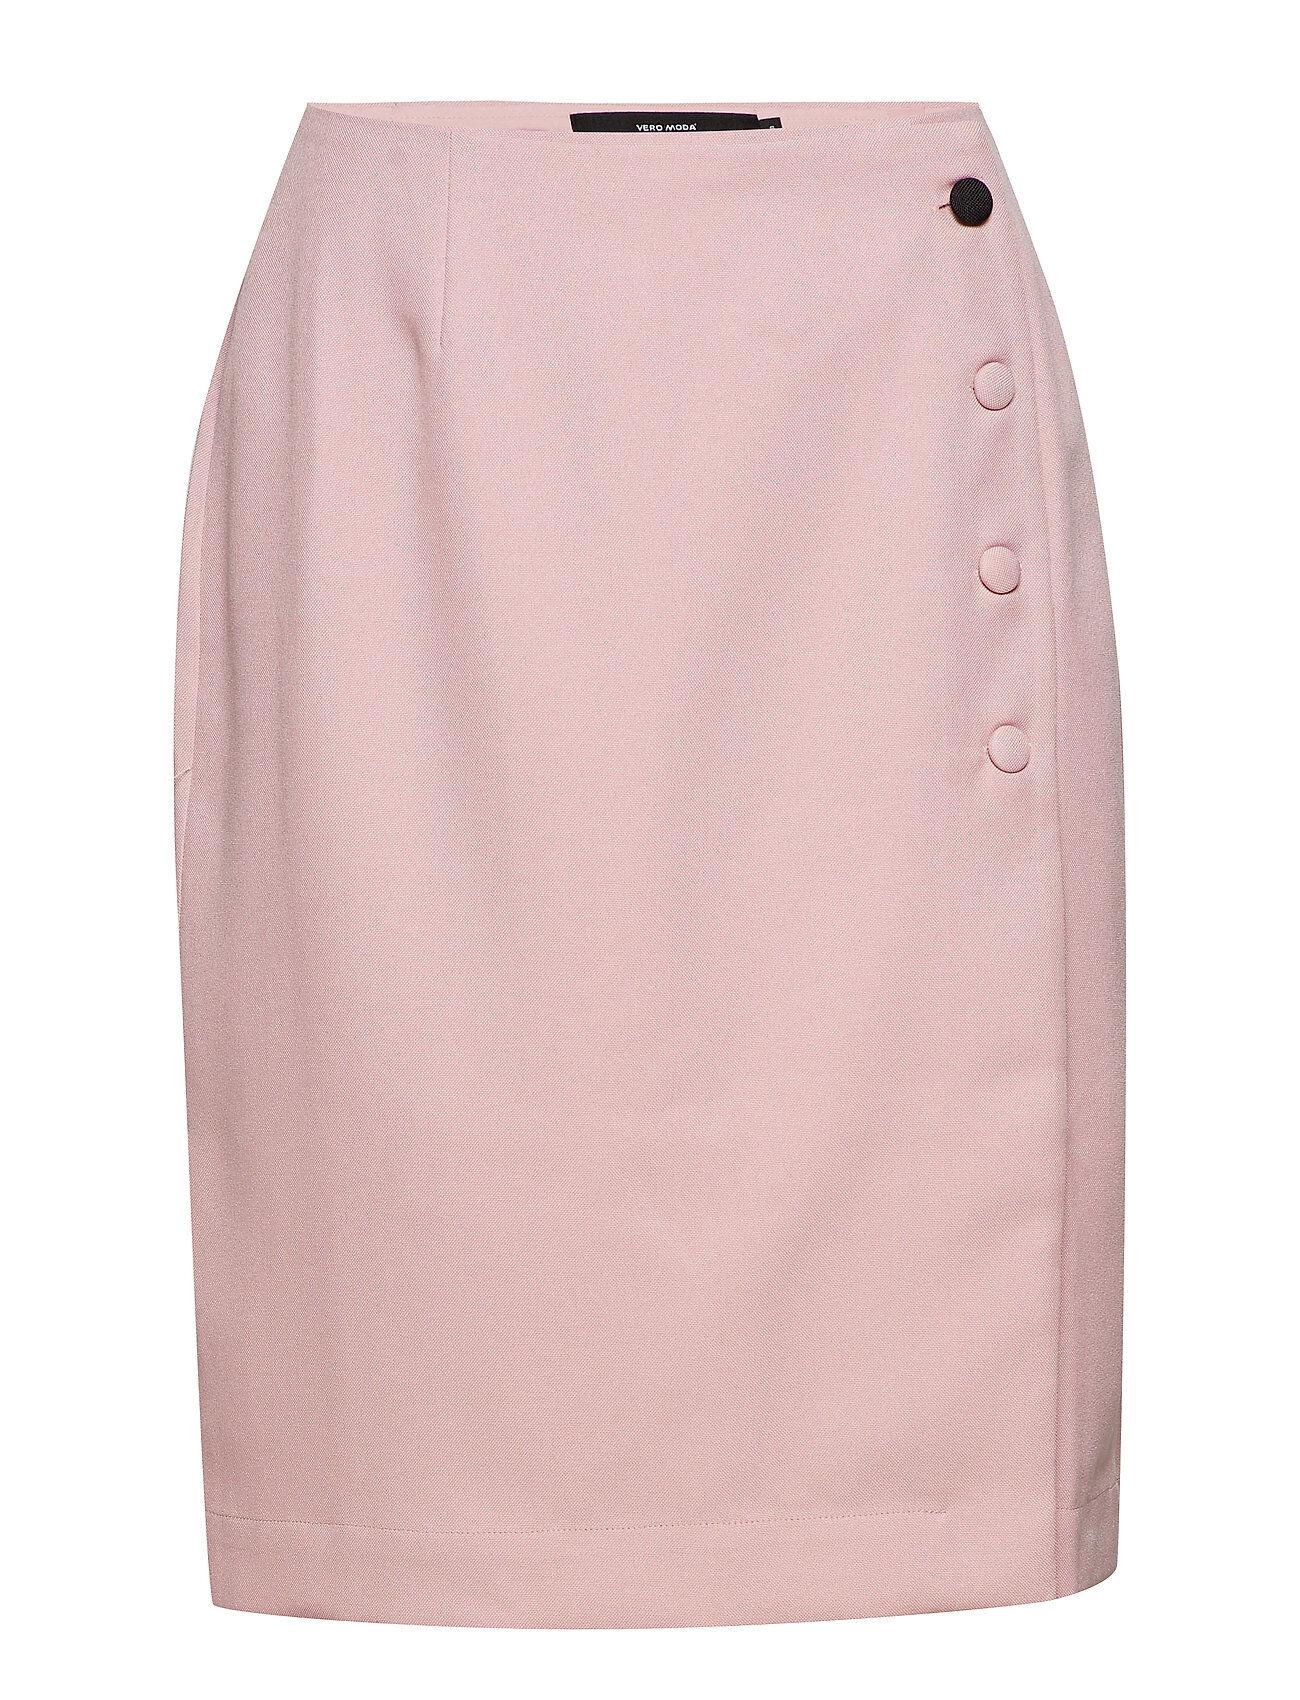 Vero Moda Vmvalinka Wrap Abk Skirt Vmc Lyhyt Hame Vaaleanpunainen Vero Moda